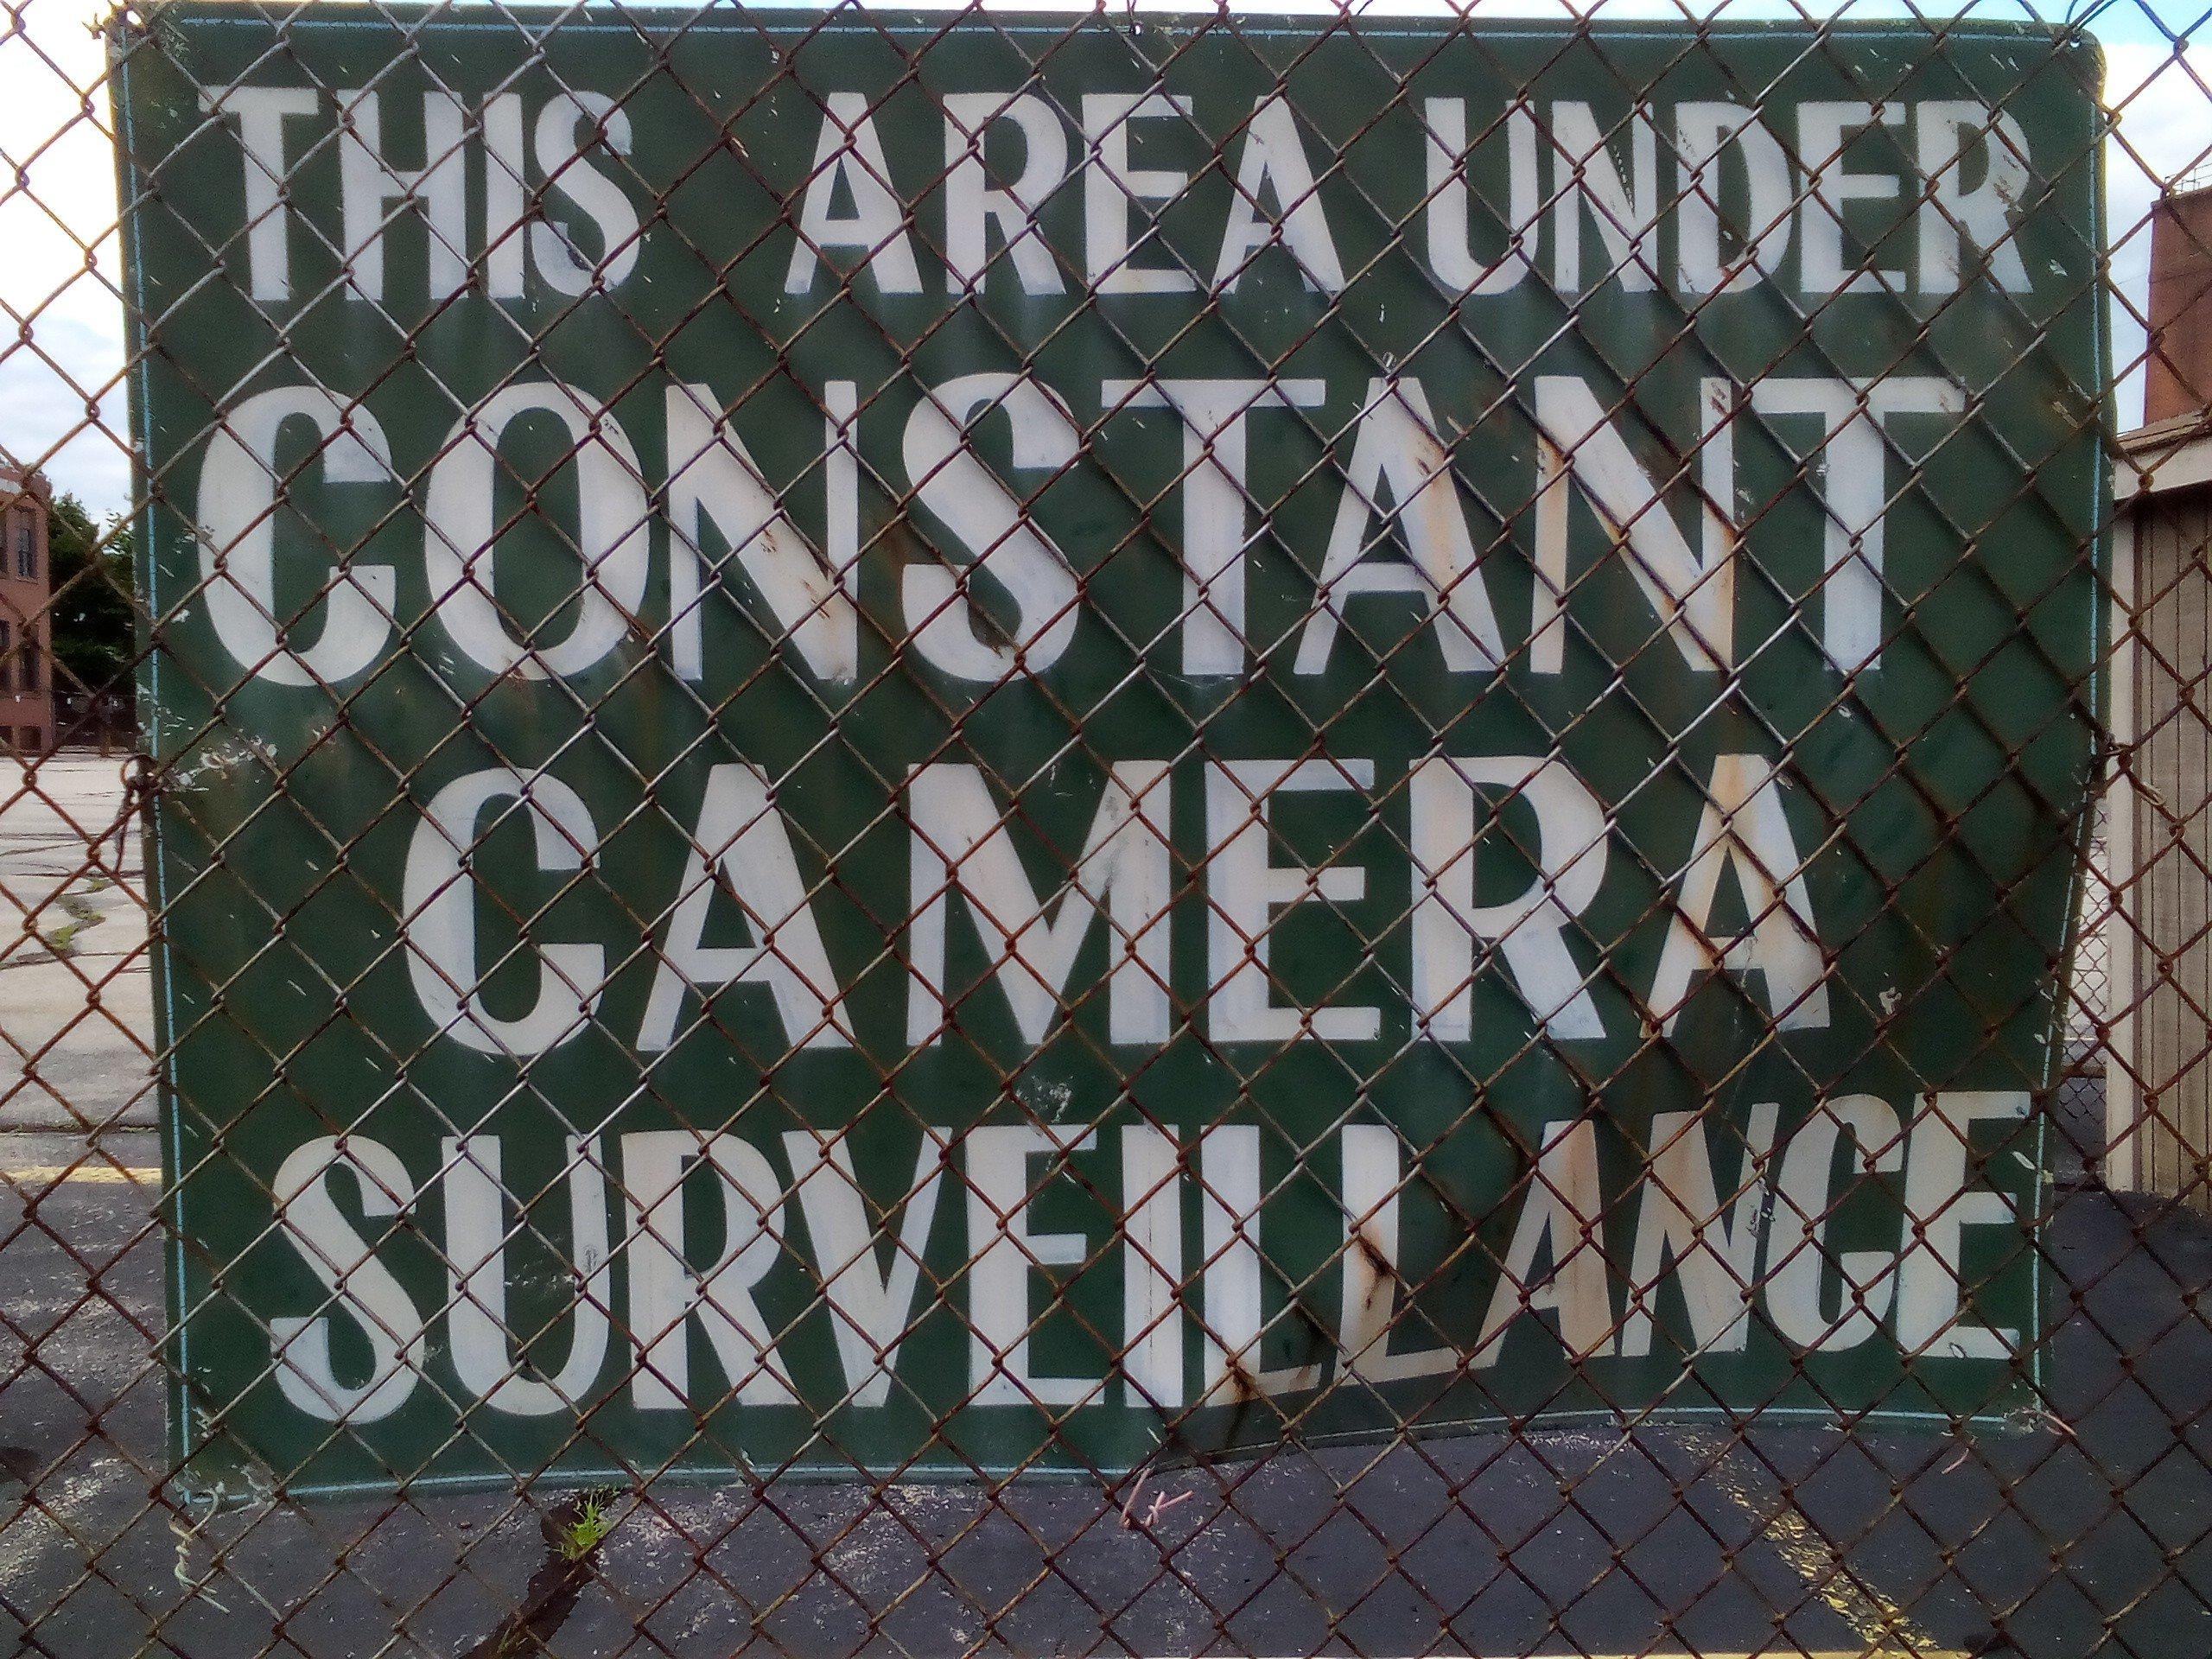 Constant Surveillance